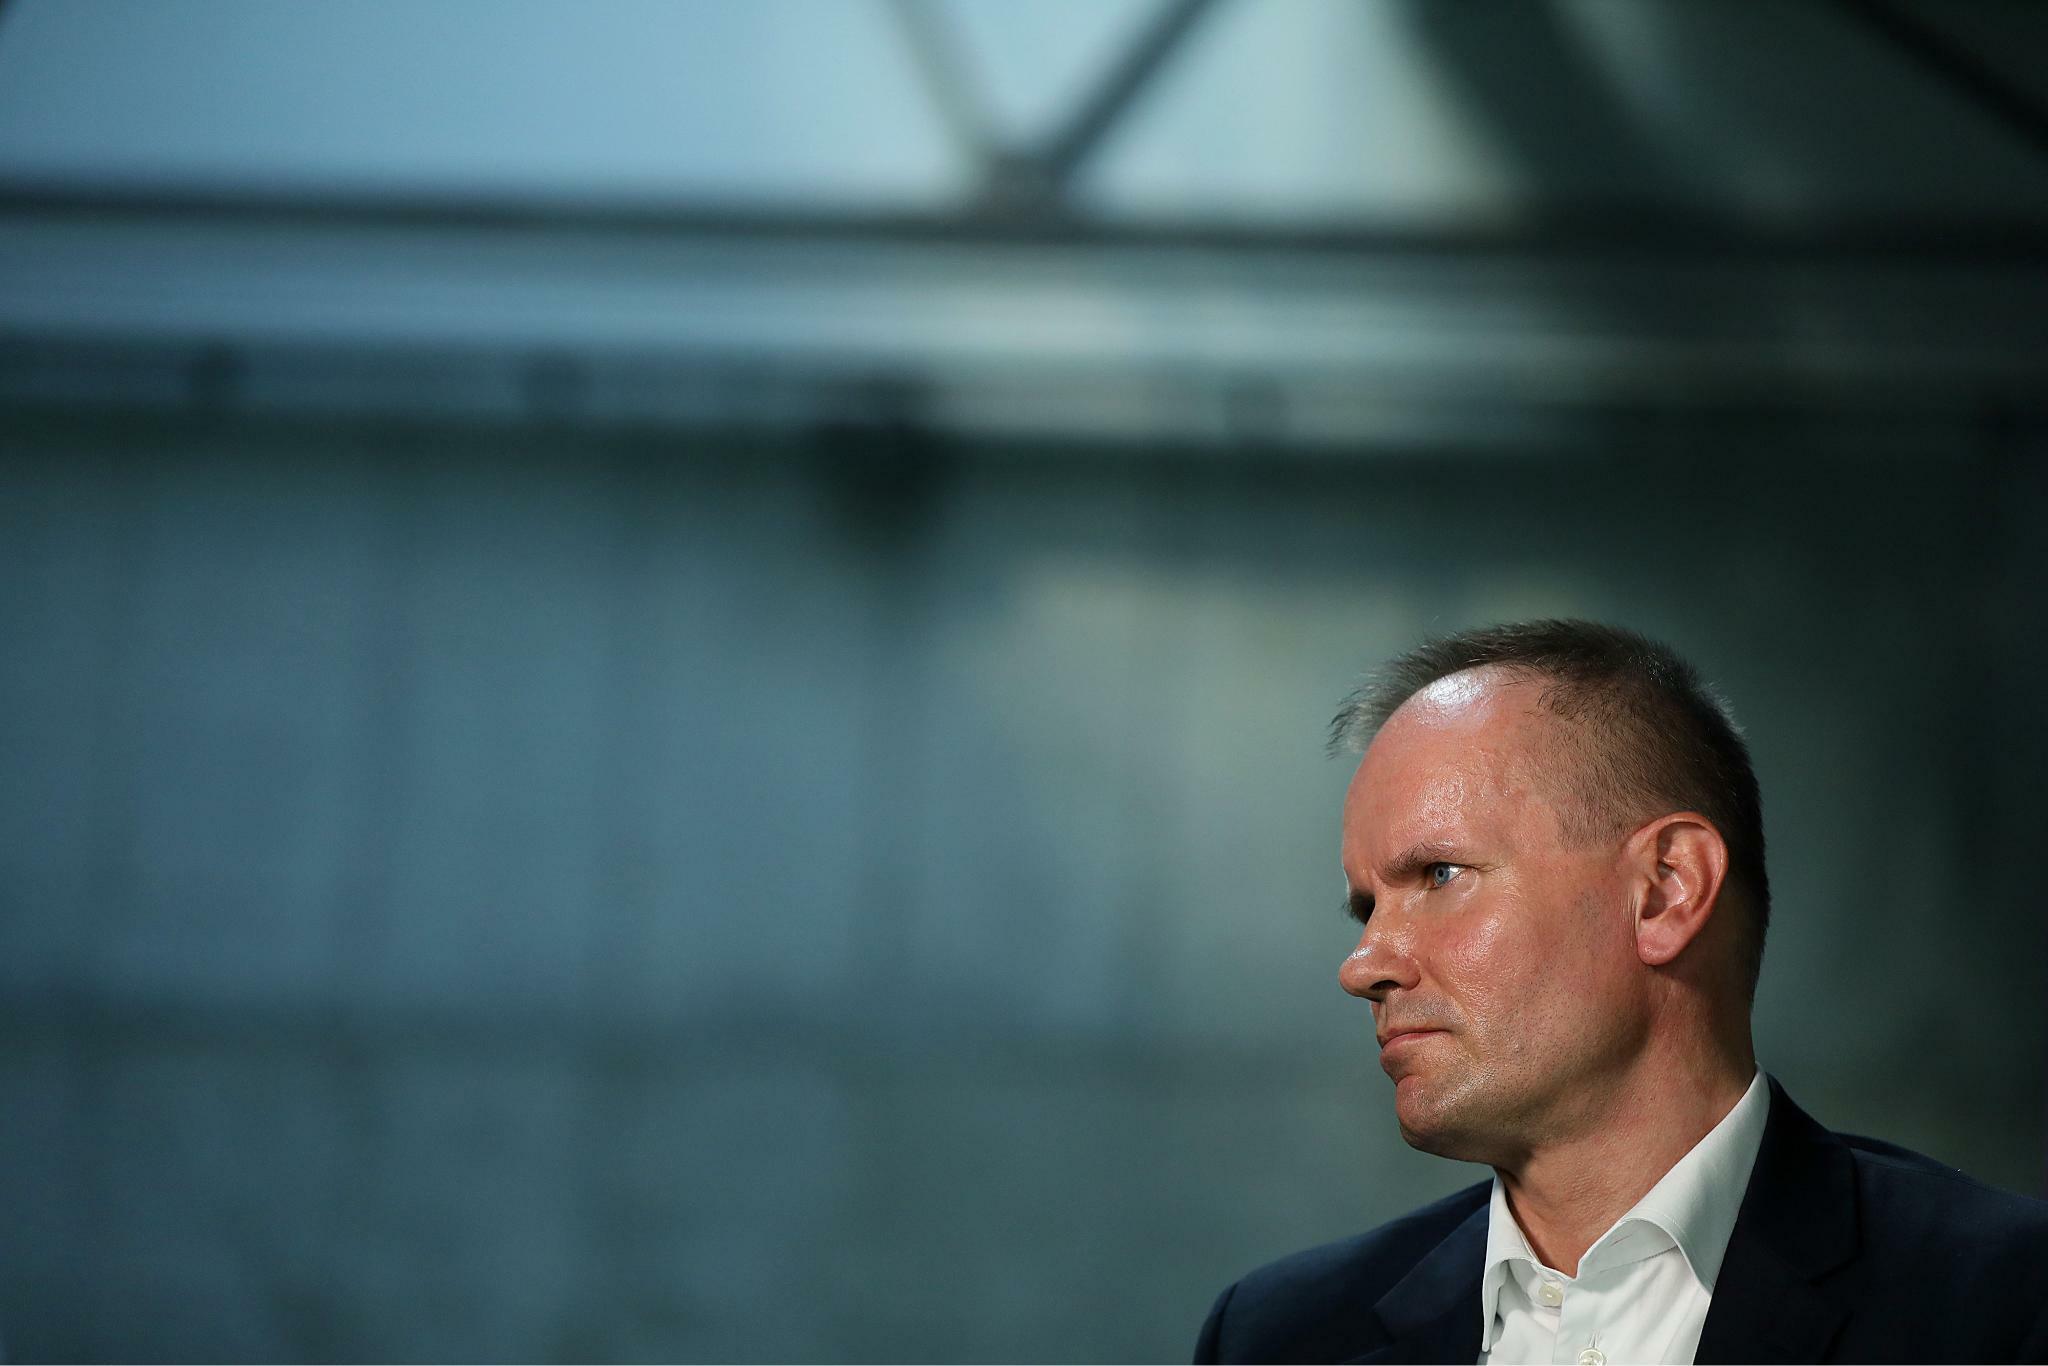 Nach Bilanz-Skandal: Wirecard startet Aktienrückkaufprogramm – Aktie bricht erneut ein